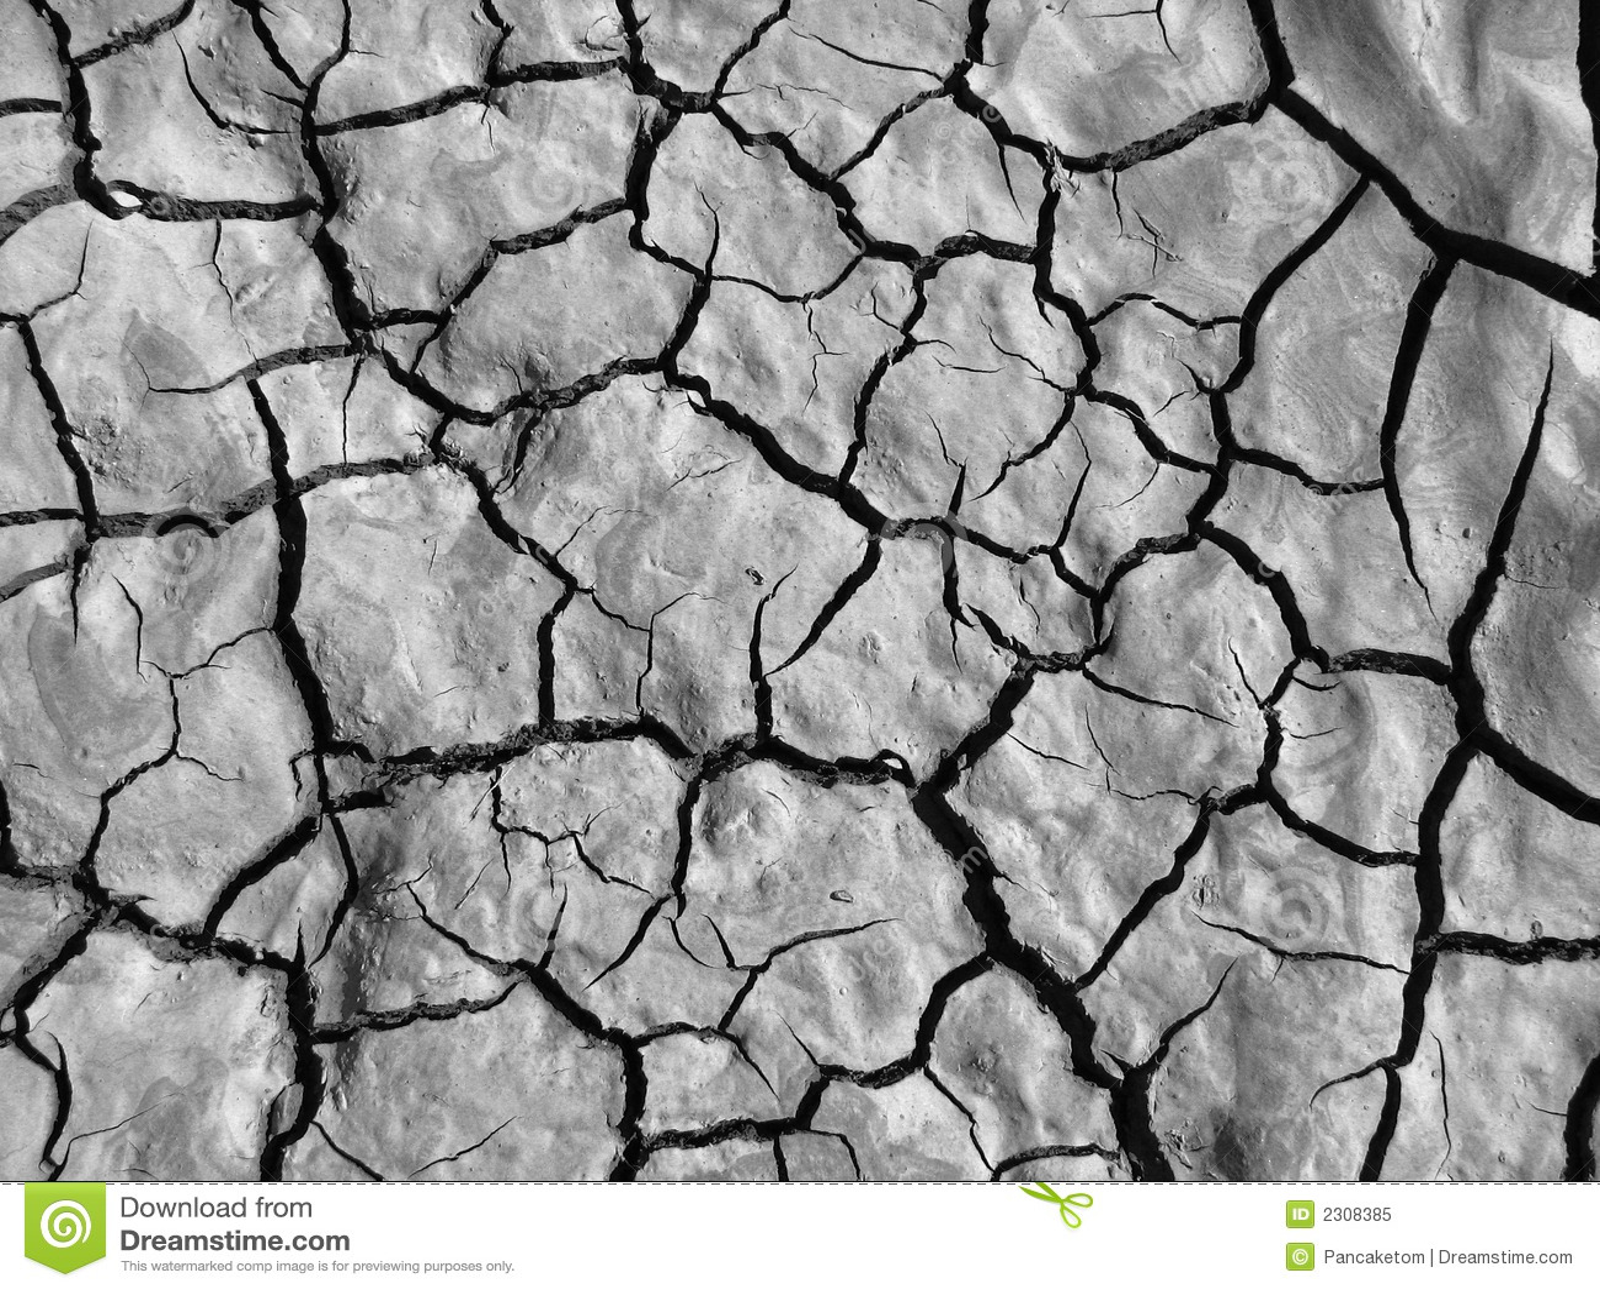 Soil Black And White